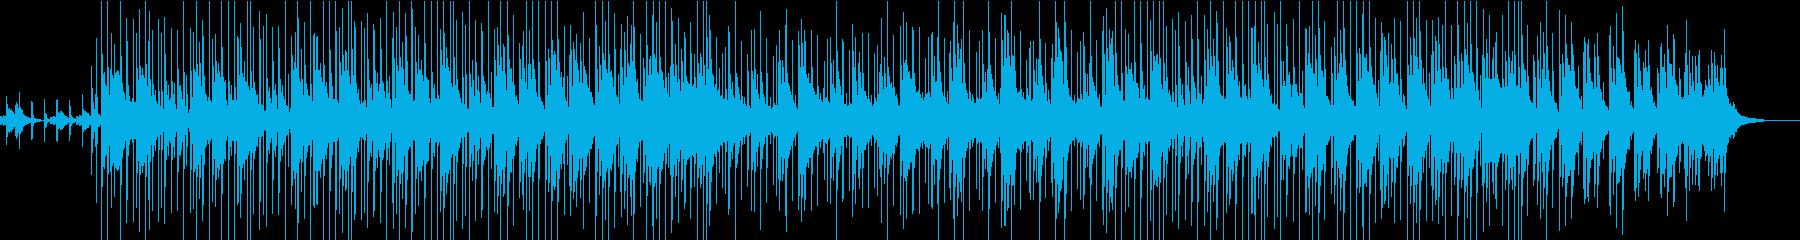 ビブラフォン、アコースティックベー...の再生済みの波形